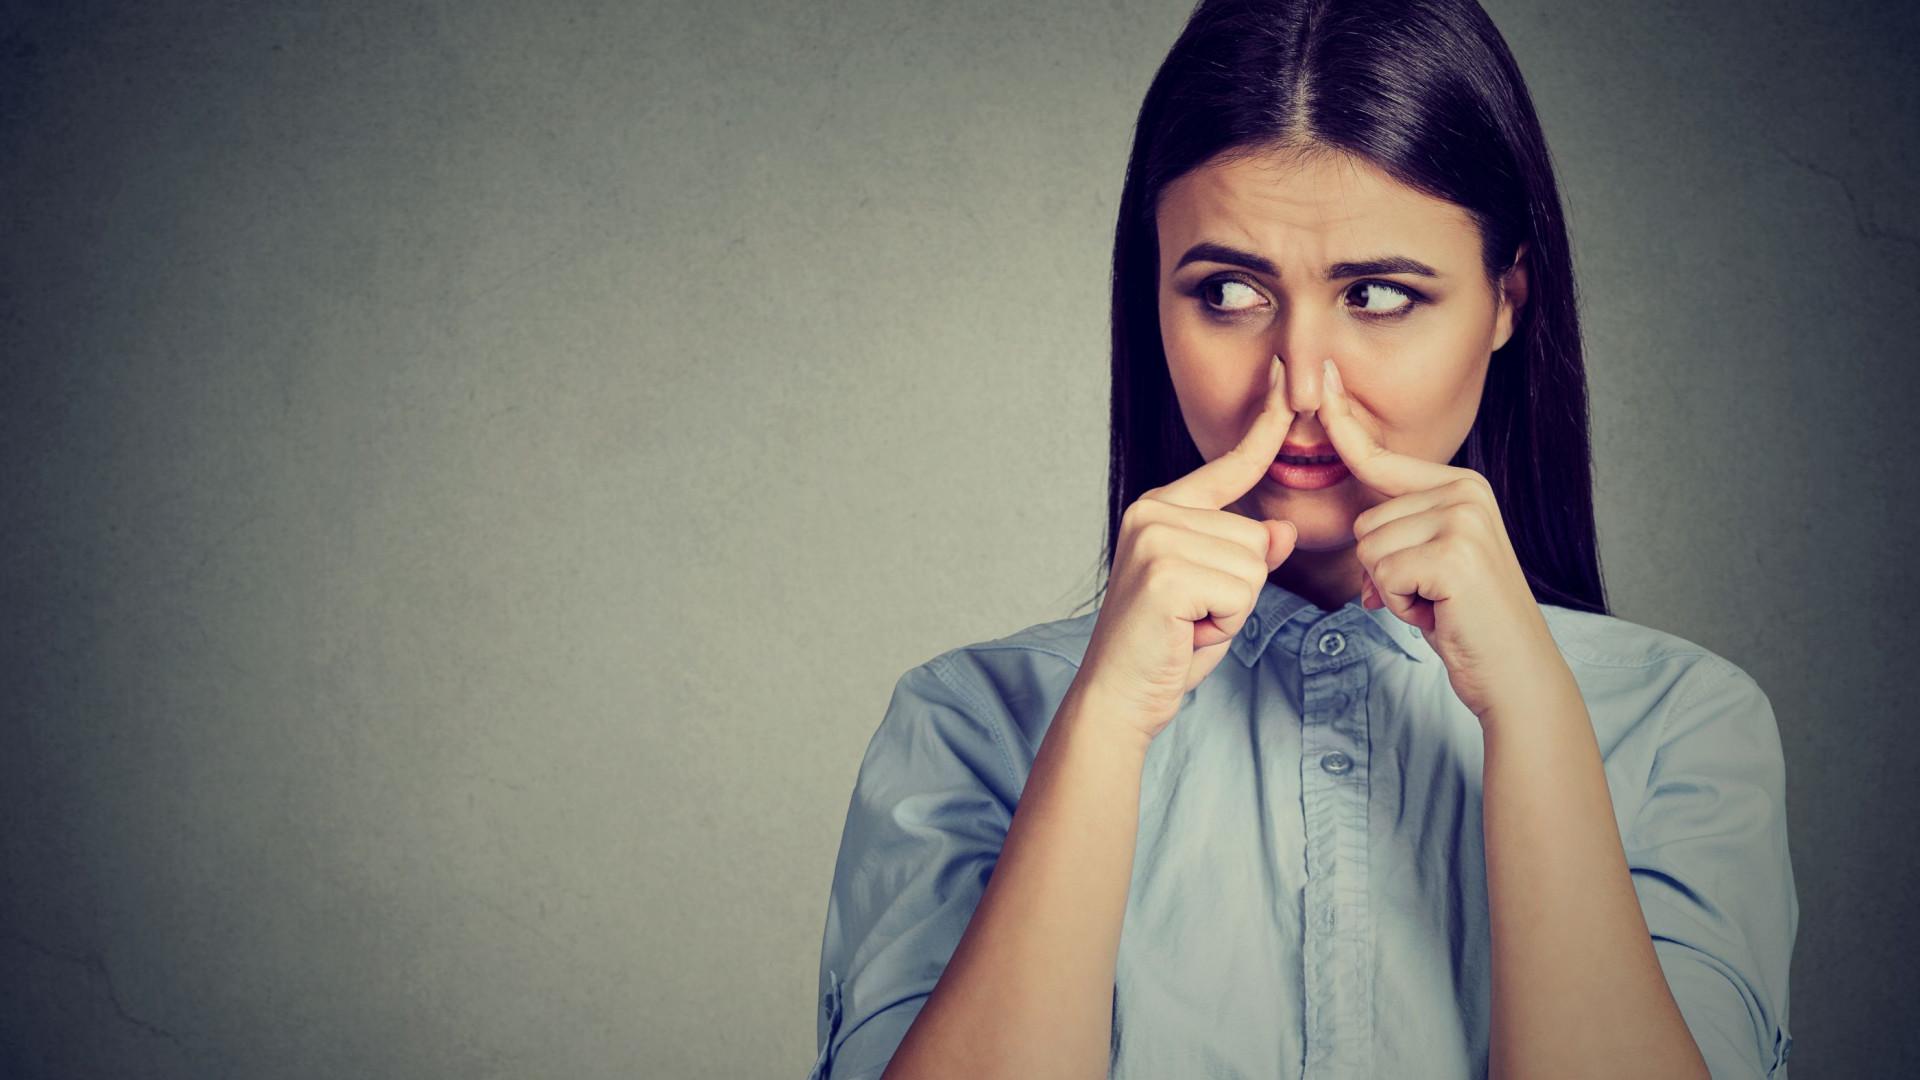 Odor corporal muda de acordo com as pessoas que o rodeiam